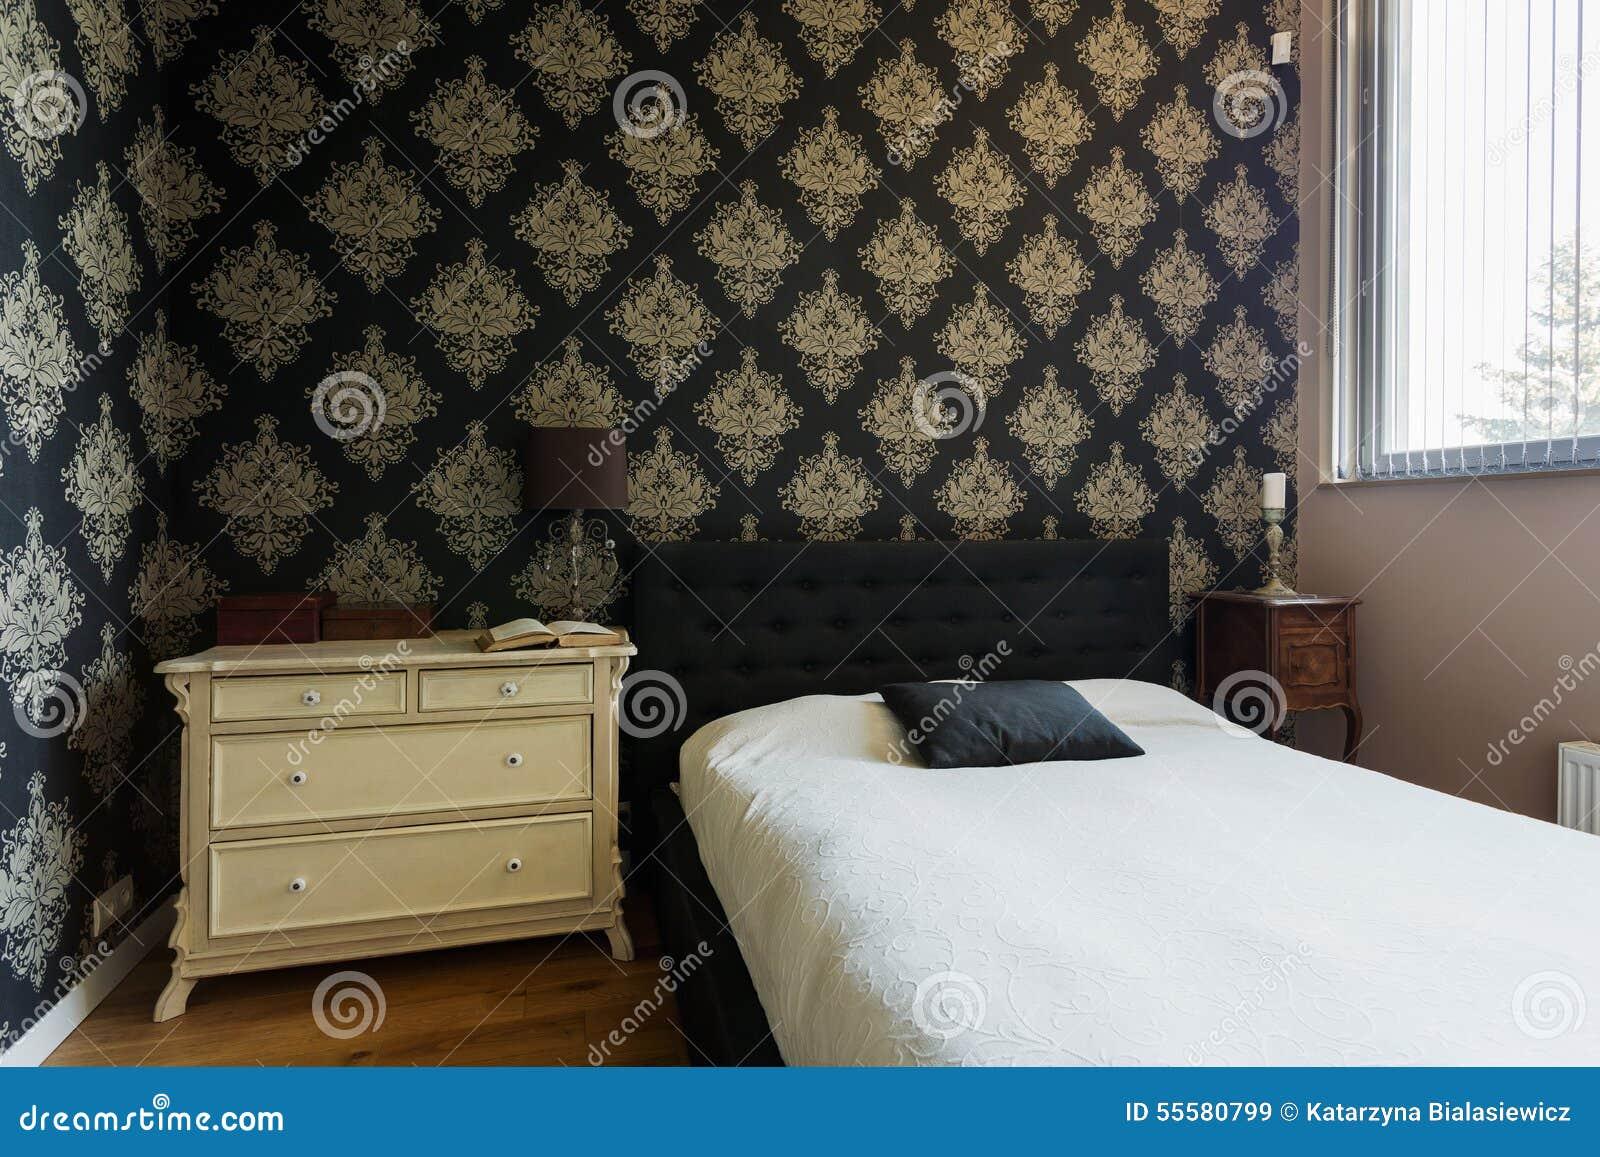 Slaapkamer oosterse stijl stock foto's– 51 slaapkamer oosterse ...